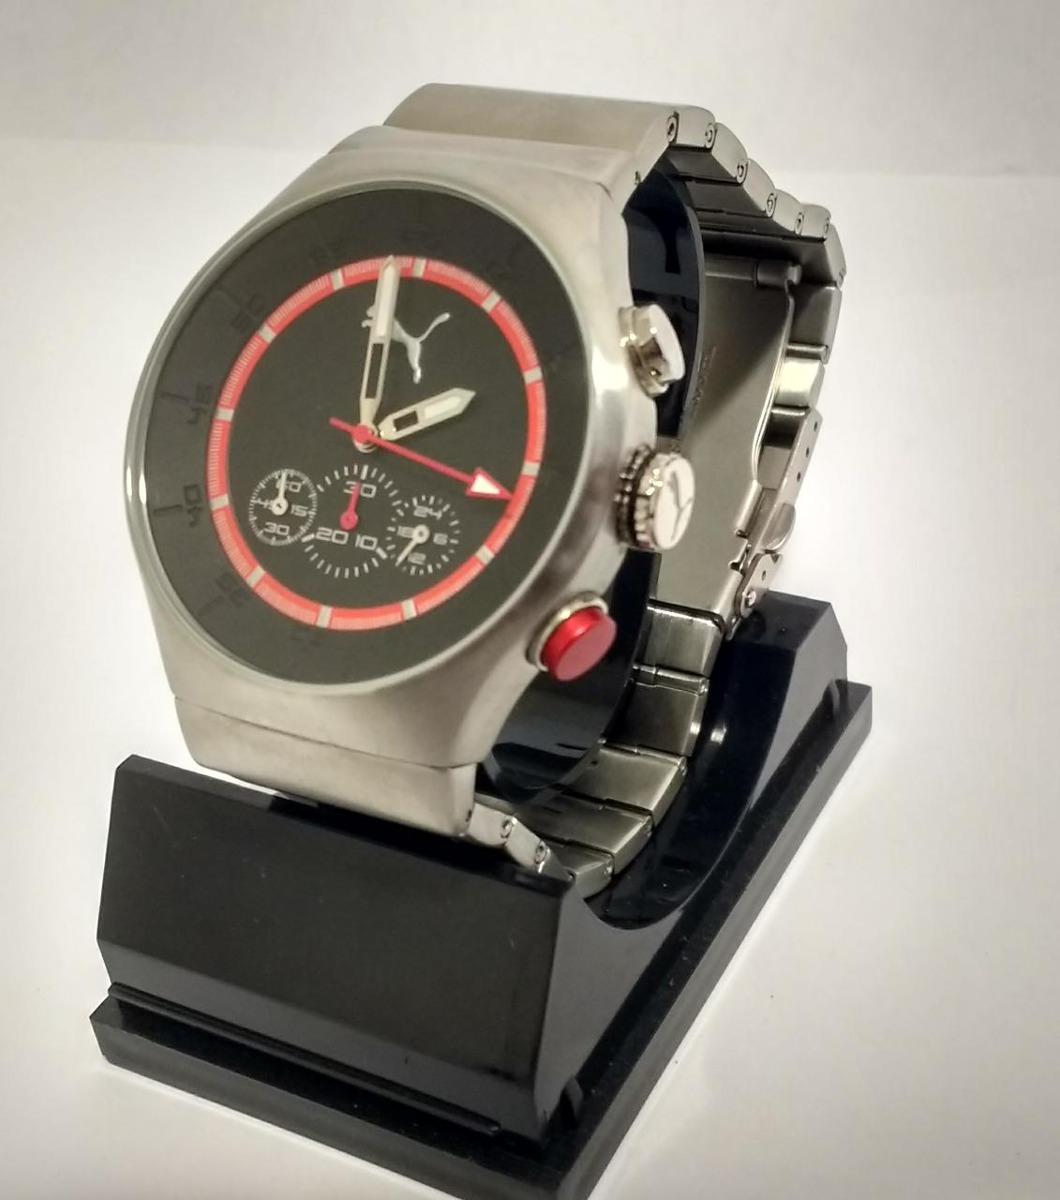 dd3e3ebf2ce Relógio puma masculino vermelho e preto original jpg 1060x1200 Relogio puma